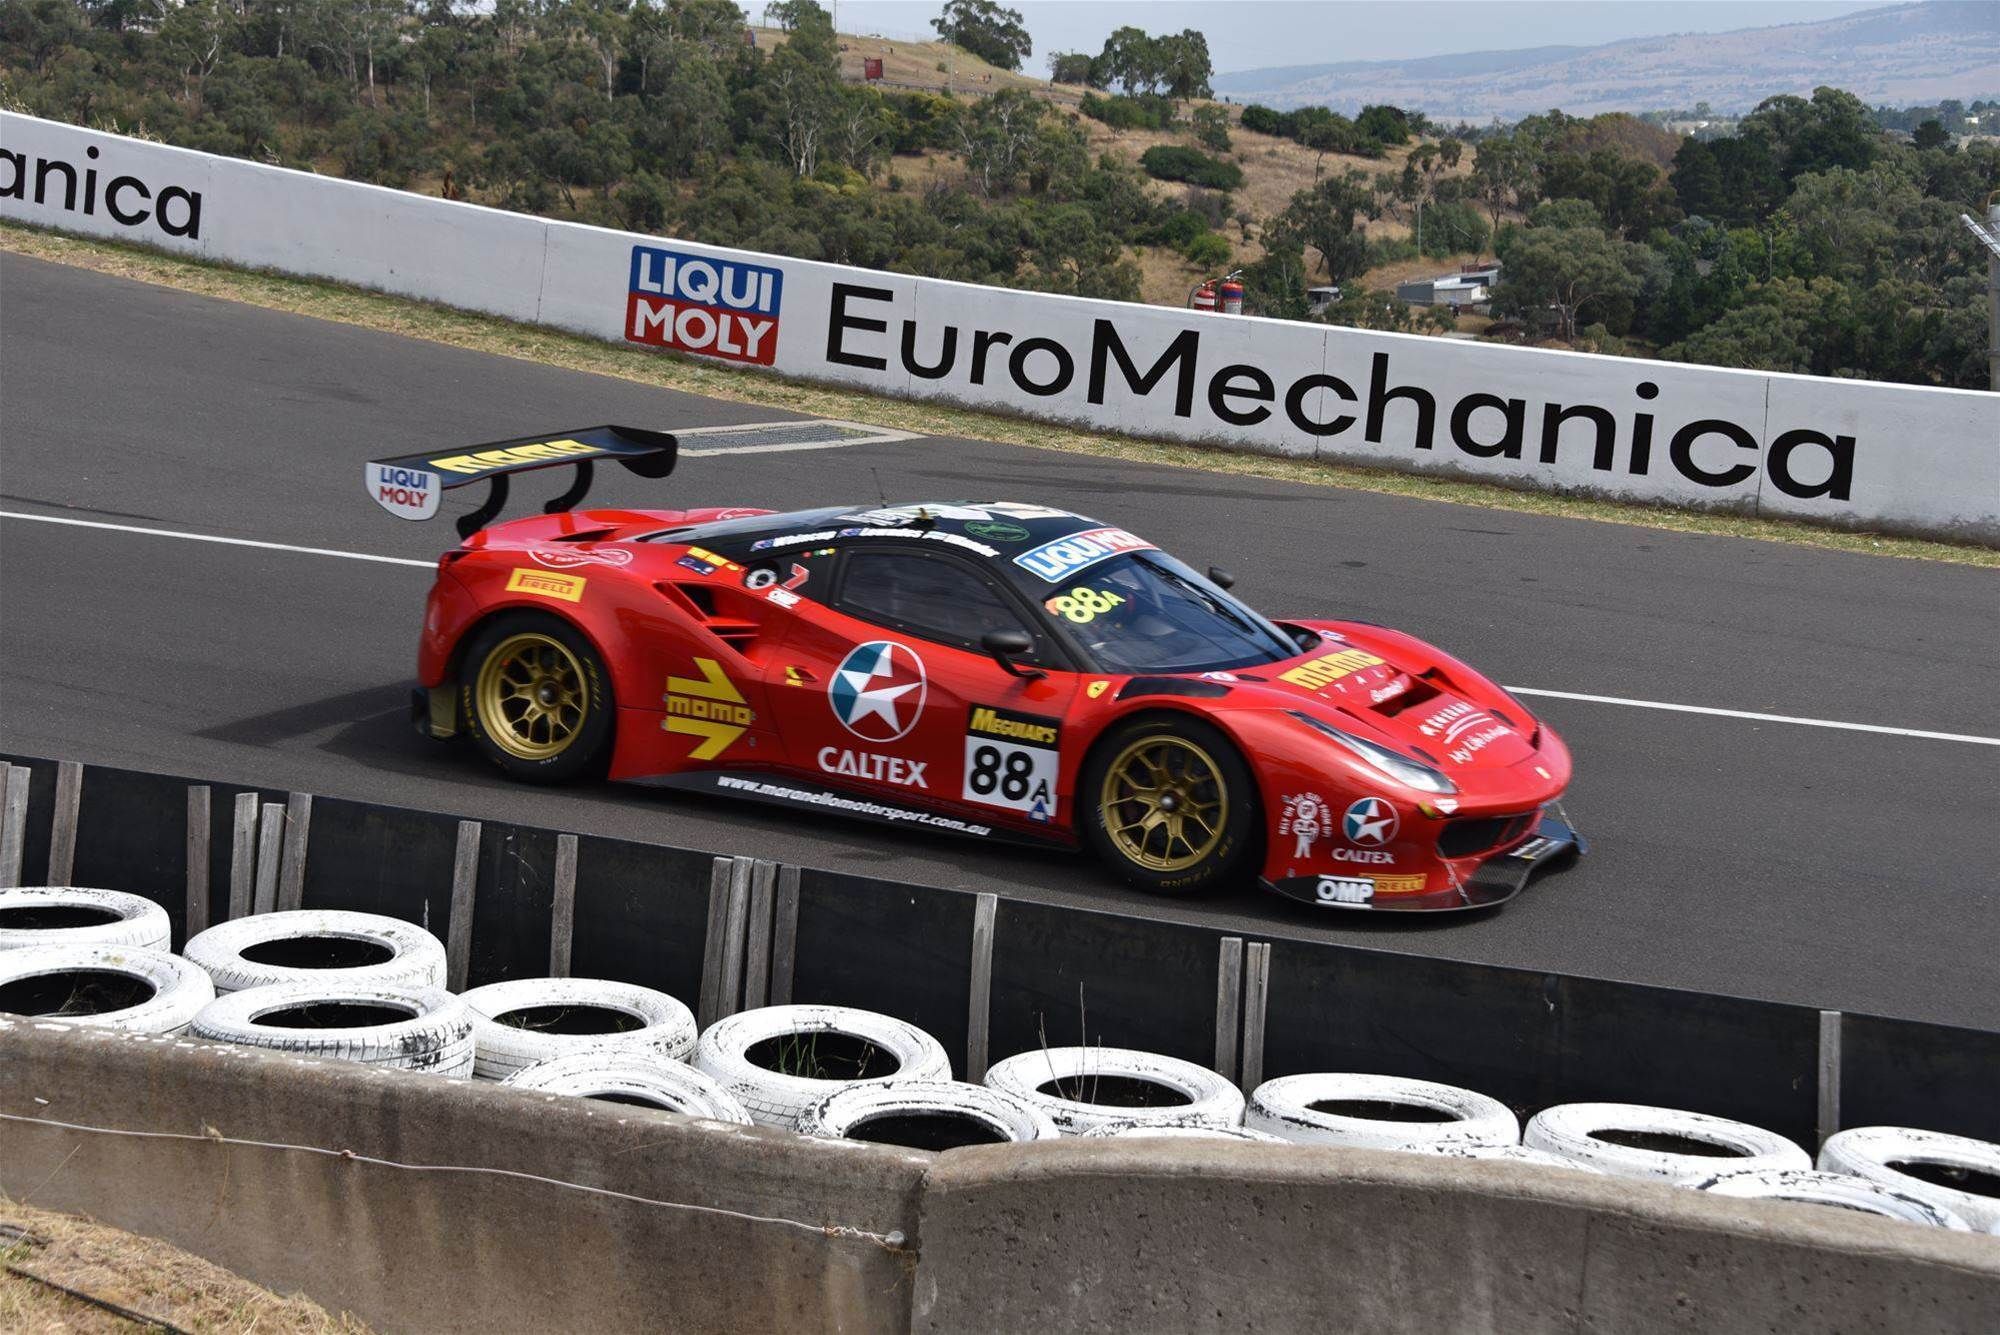 Ferrari on pole for Bathurst 12 Hour